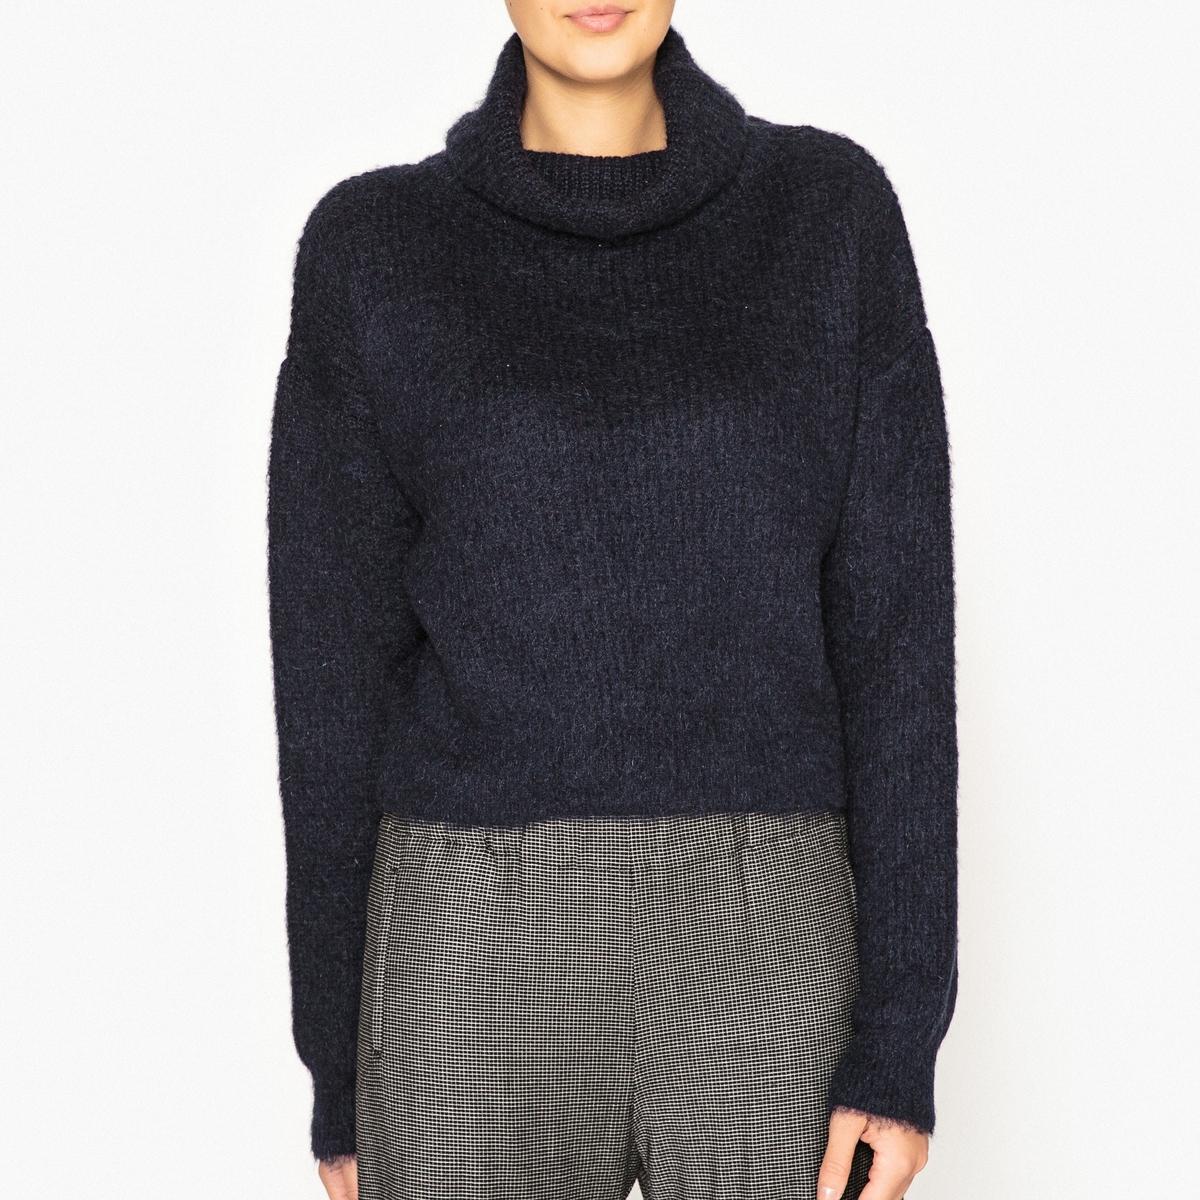 Пуловер с завёрнутым воротником пуловер свободный с воротником с отворотом plunkett